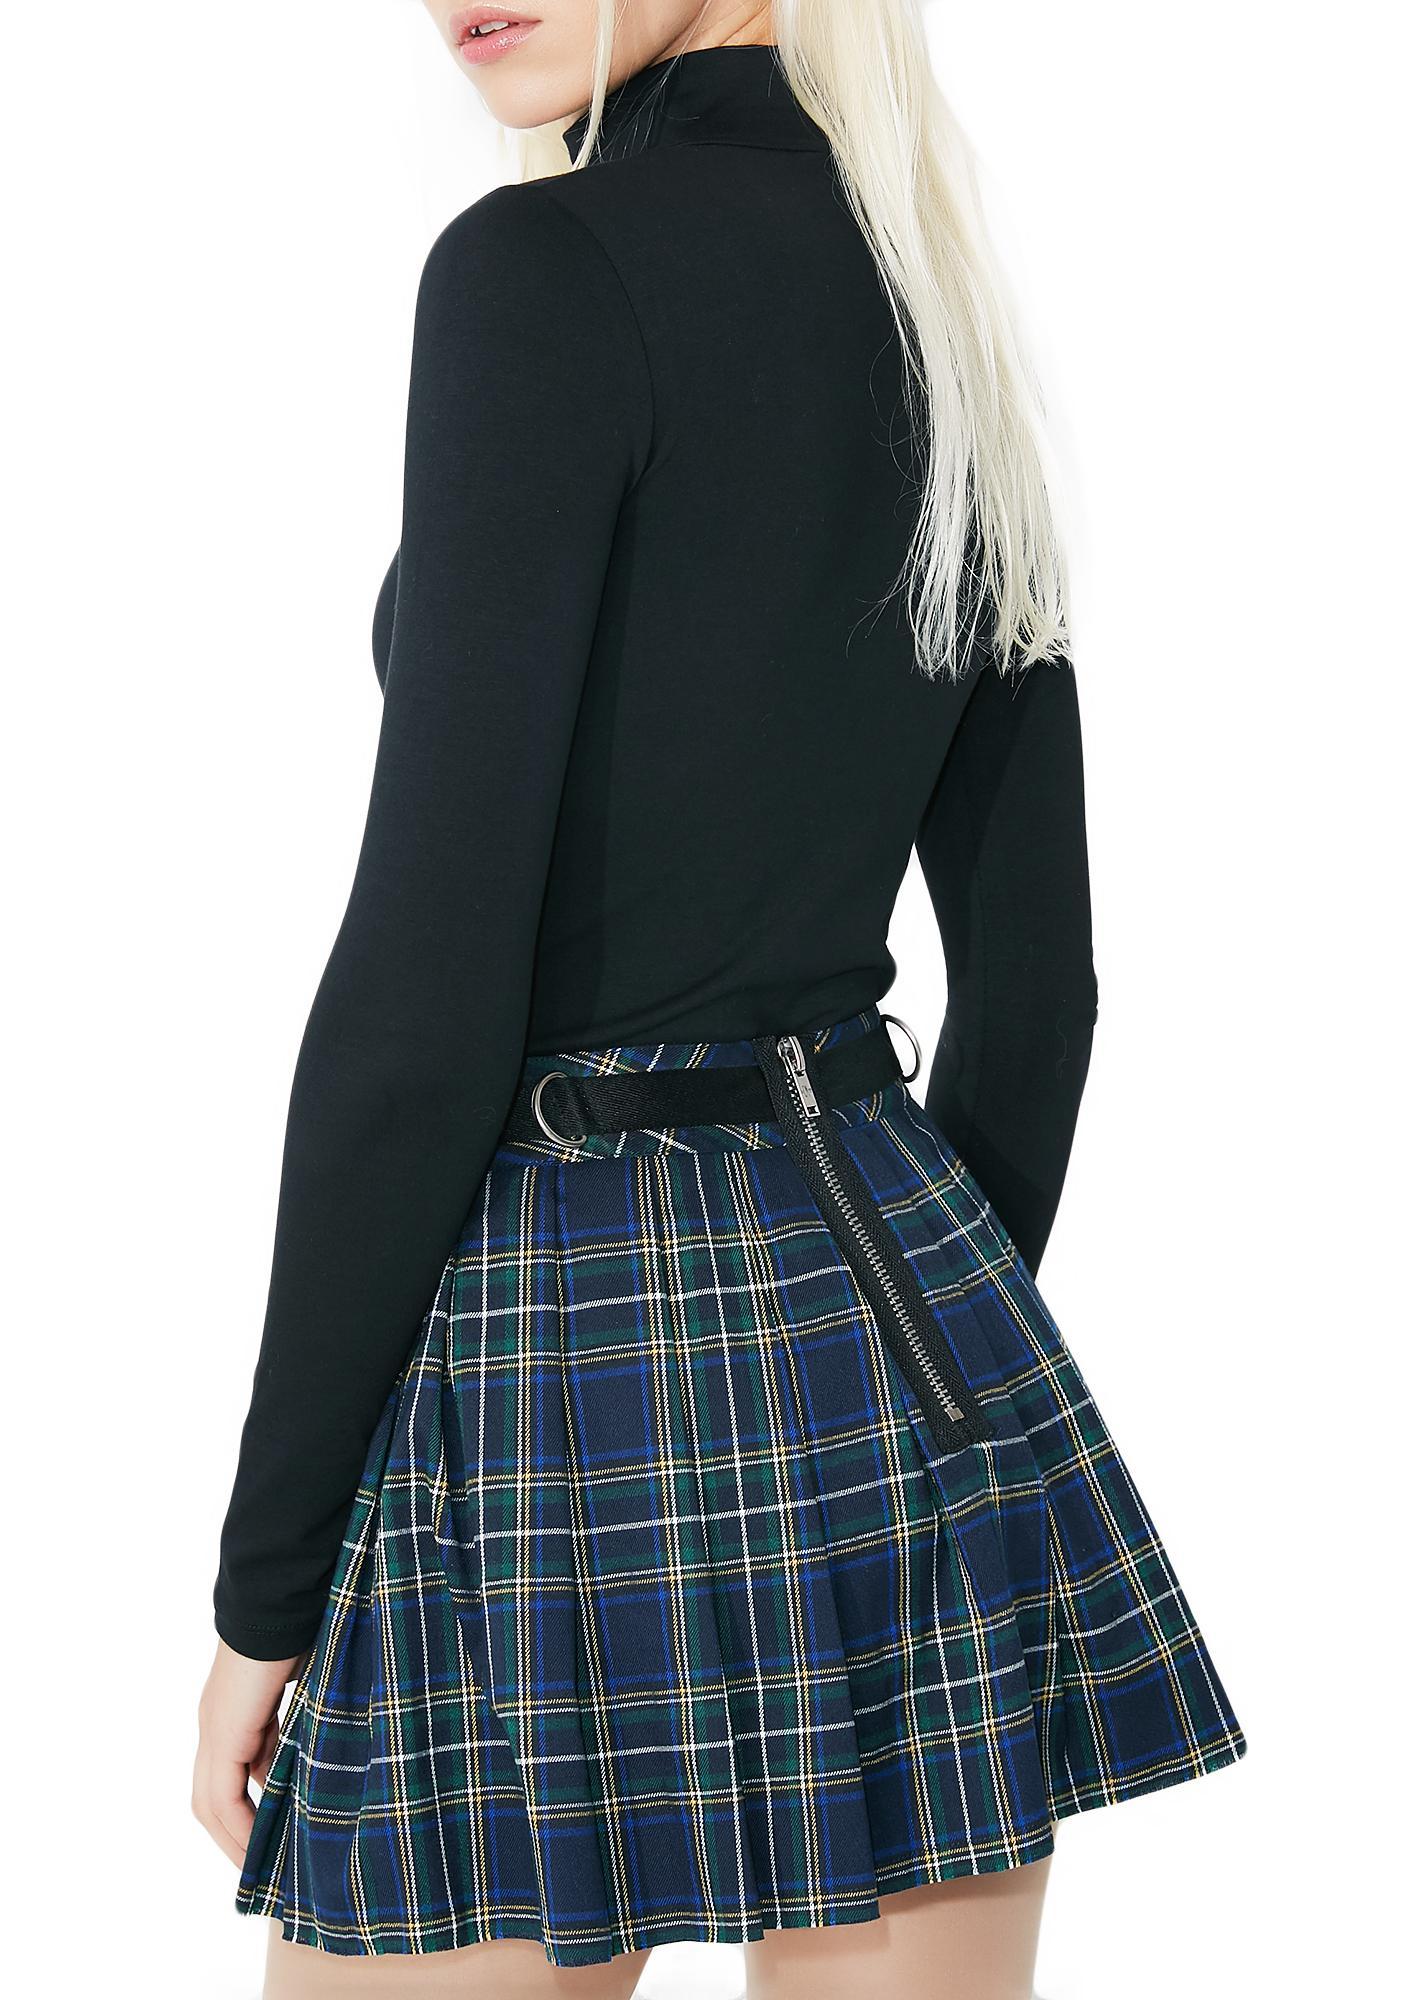 Current Mood Dress Code Plaid Skirt